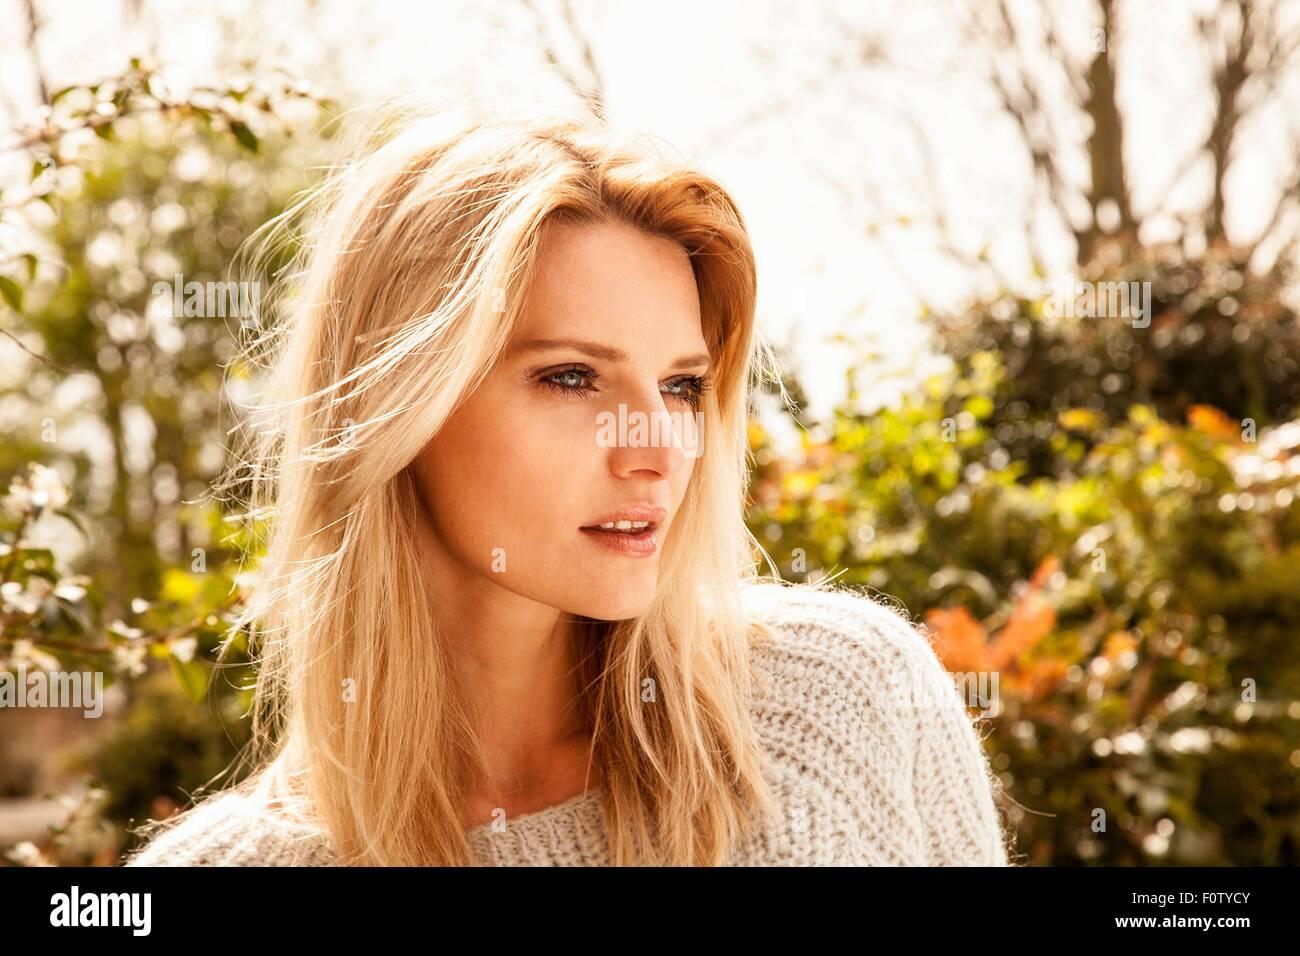 A mediados hermosa mujer adulta con largo pelo rubio en el jardín Foto de stock